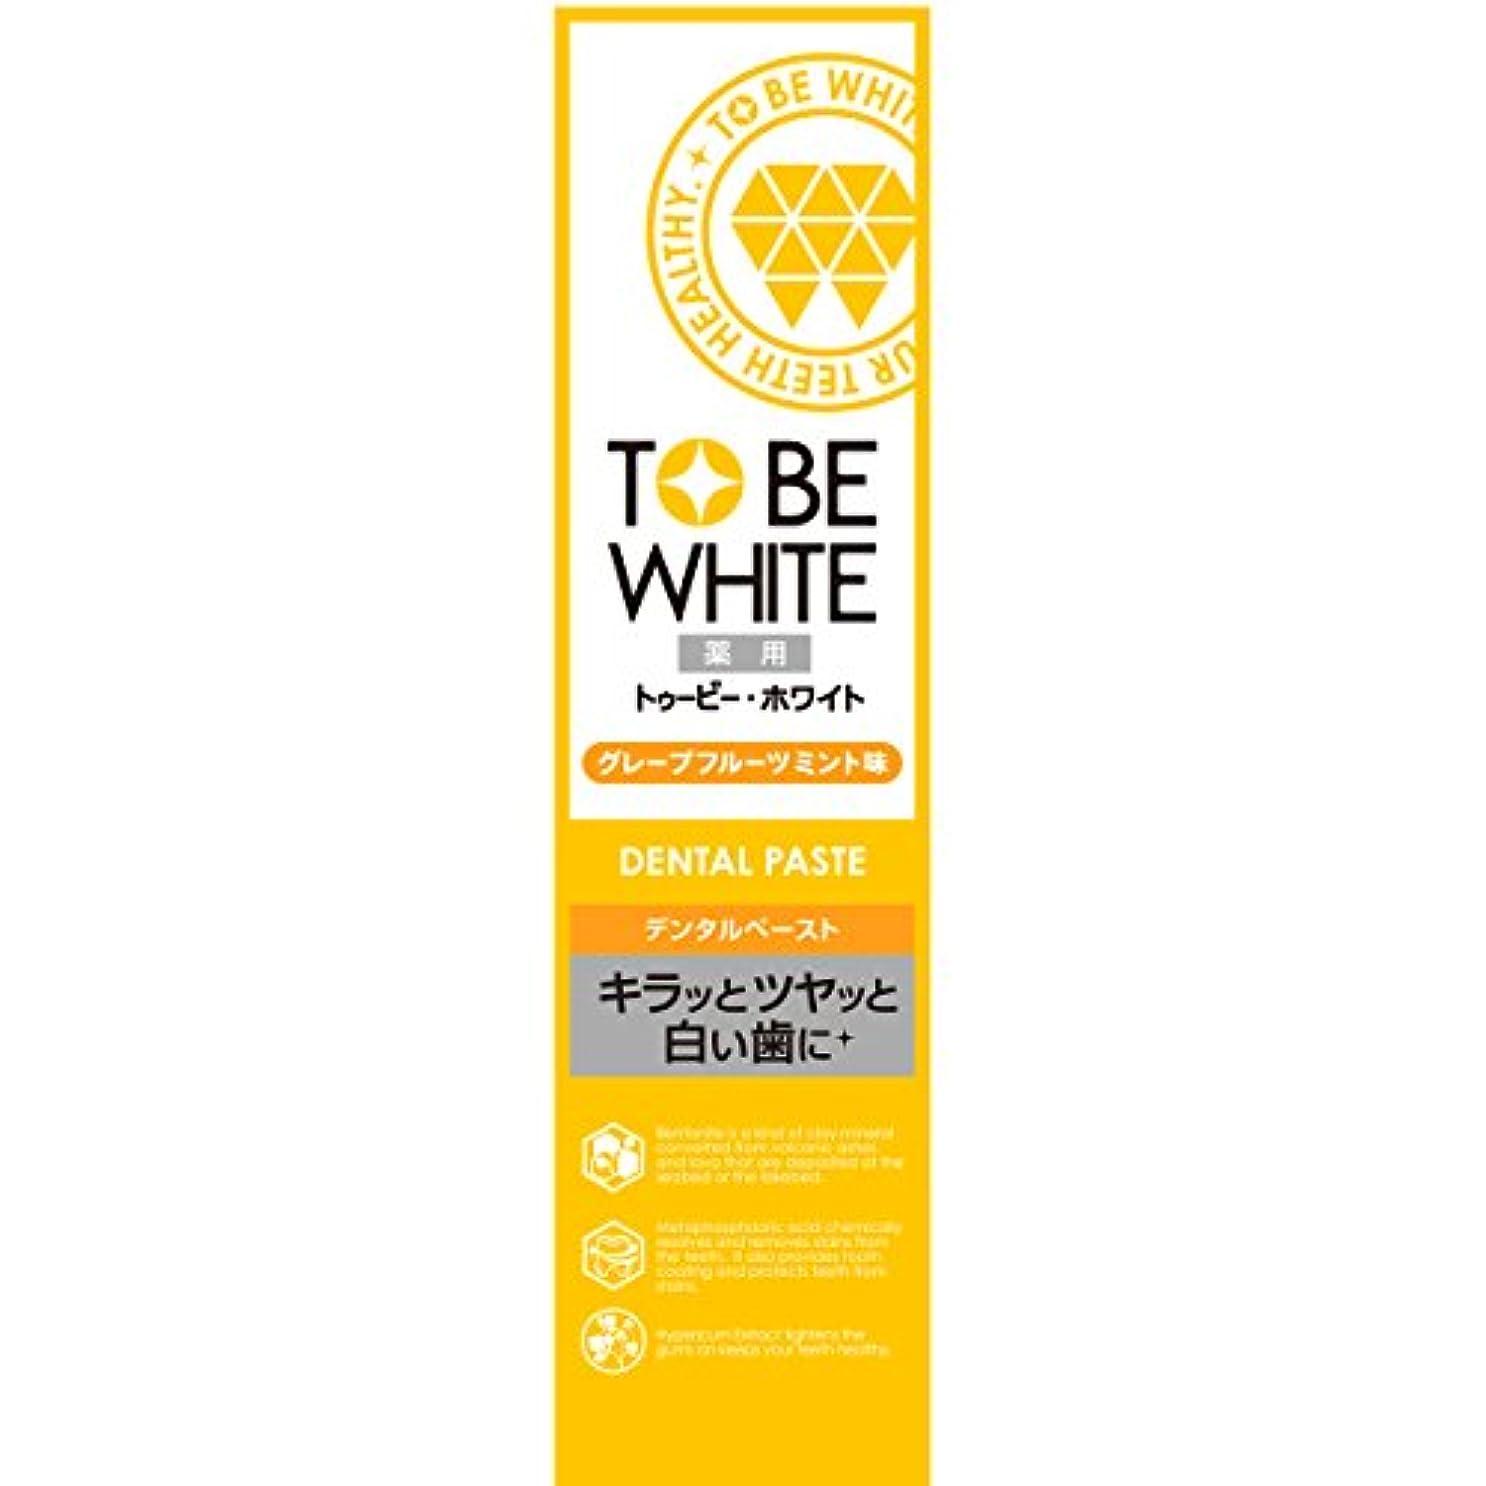 嫉妬ストッキング火トゥービー?ホワイト 薬用 ホワイトニング ハミガキ粉 グレープフルーツミント 味 60g 【医薬部外品】